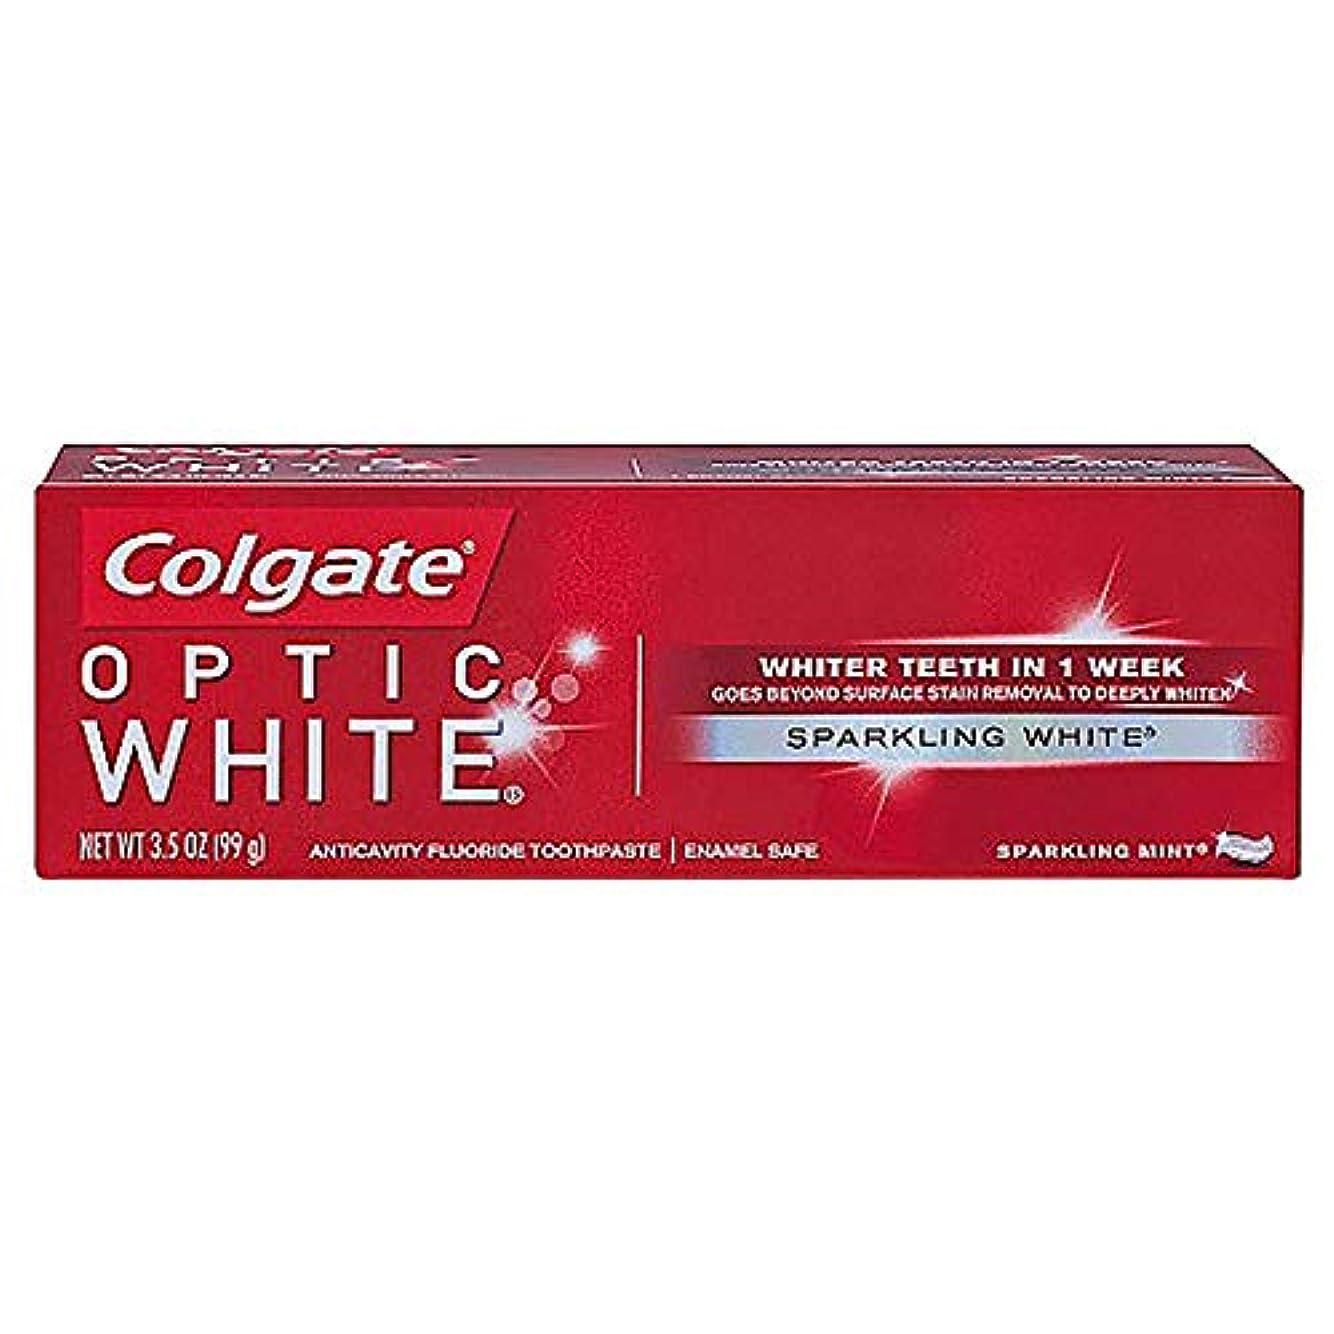 スペア大惨事短くするコルゲート ホワイトニング Colgate Optic White Sparkling White 99g 白い歯 歯磨き粉 ミント